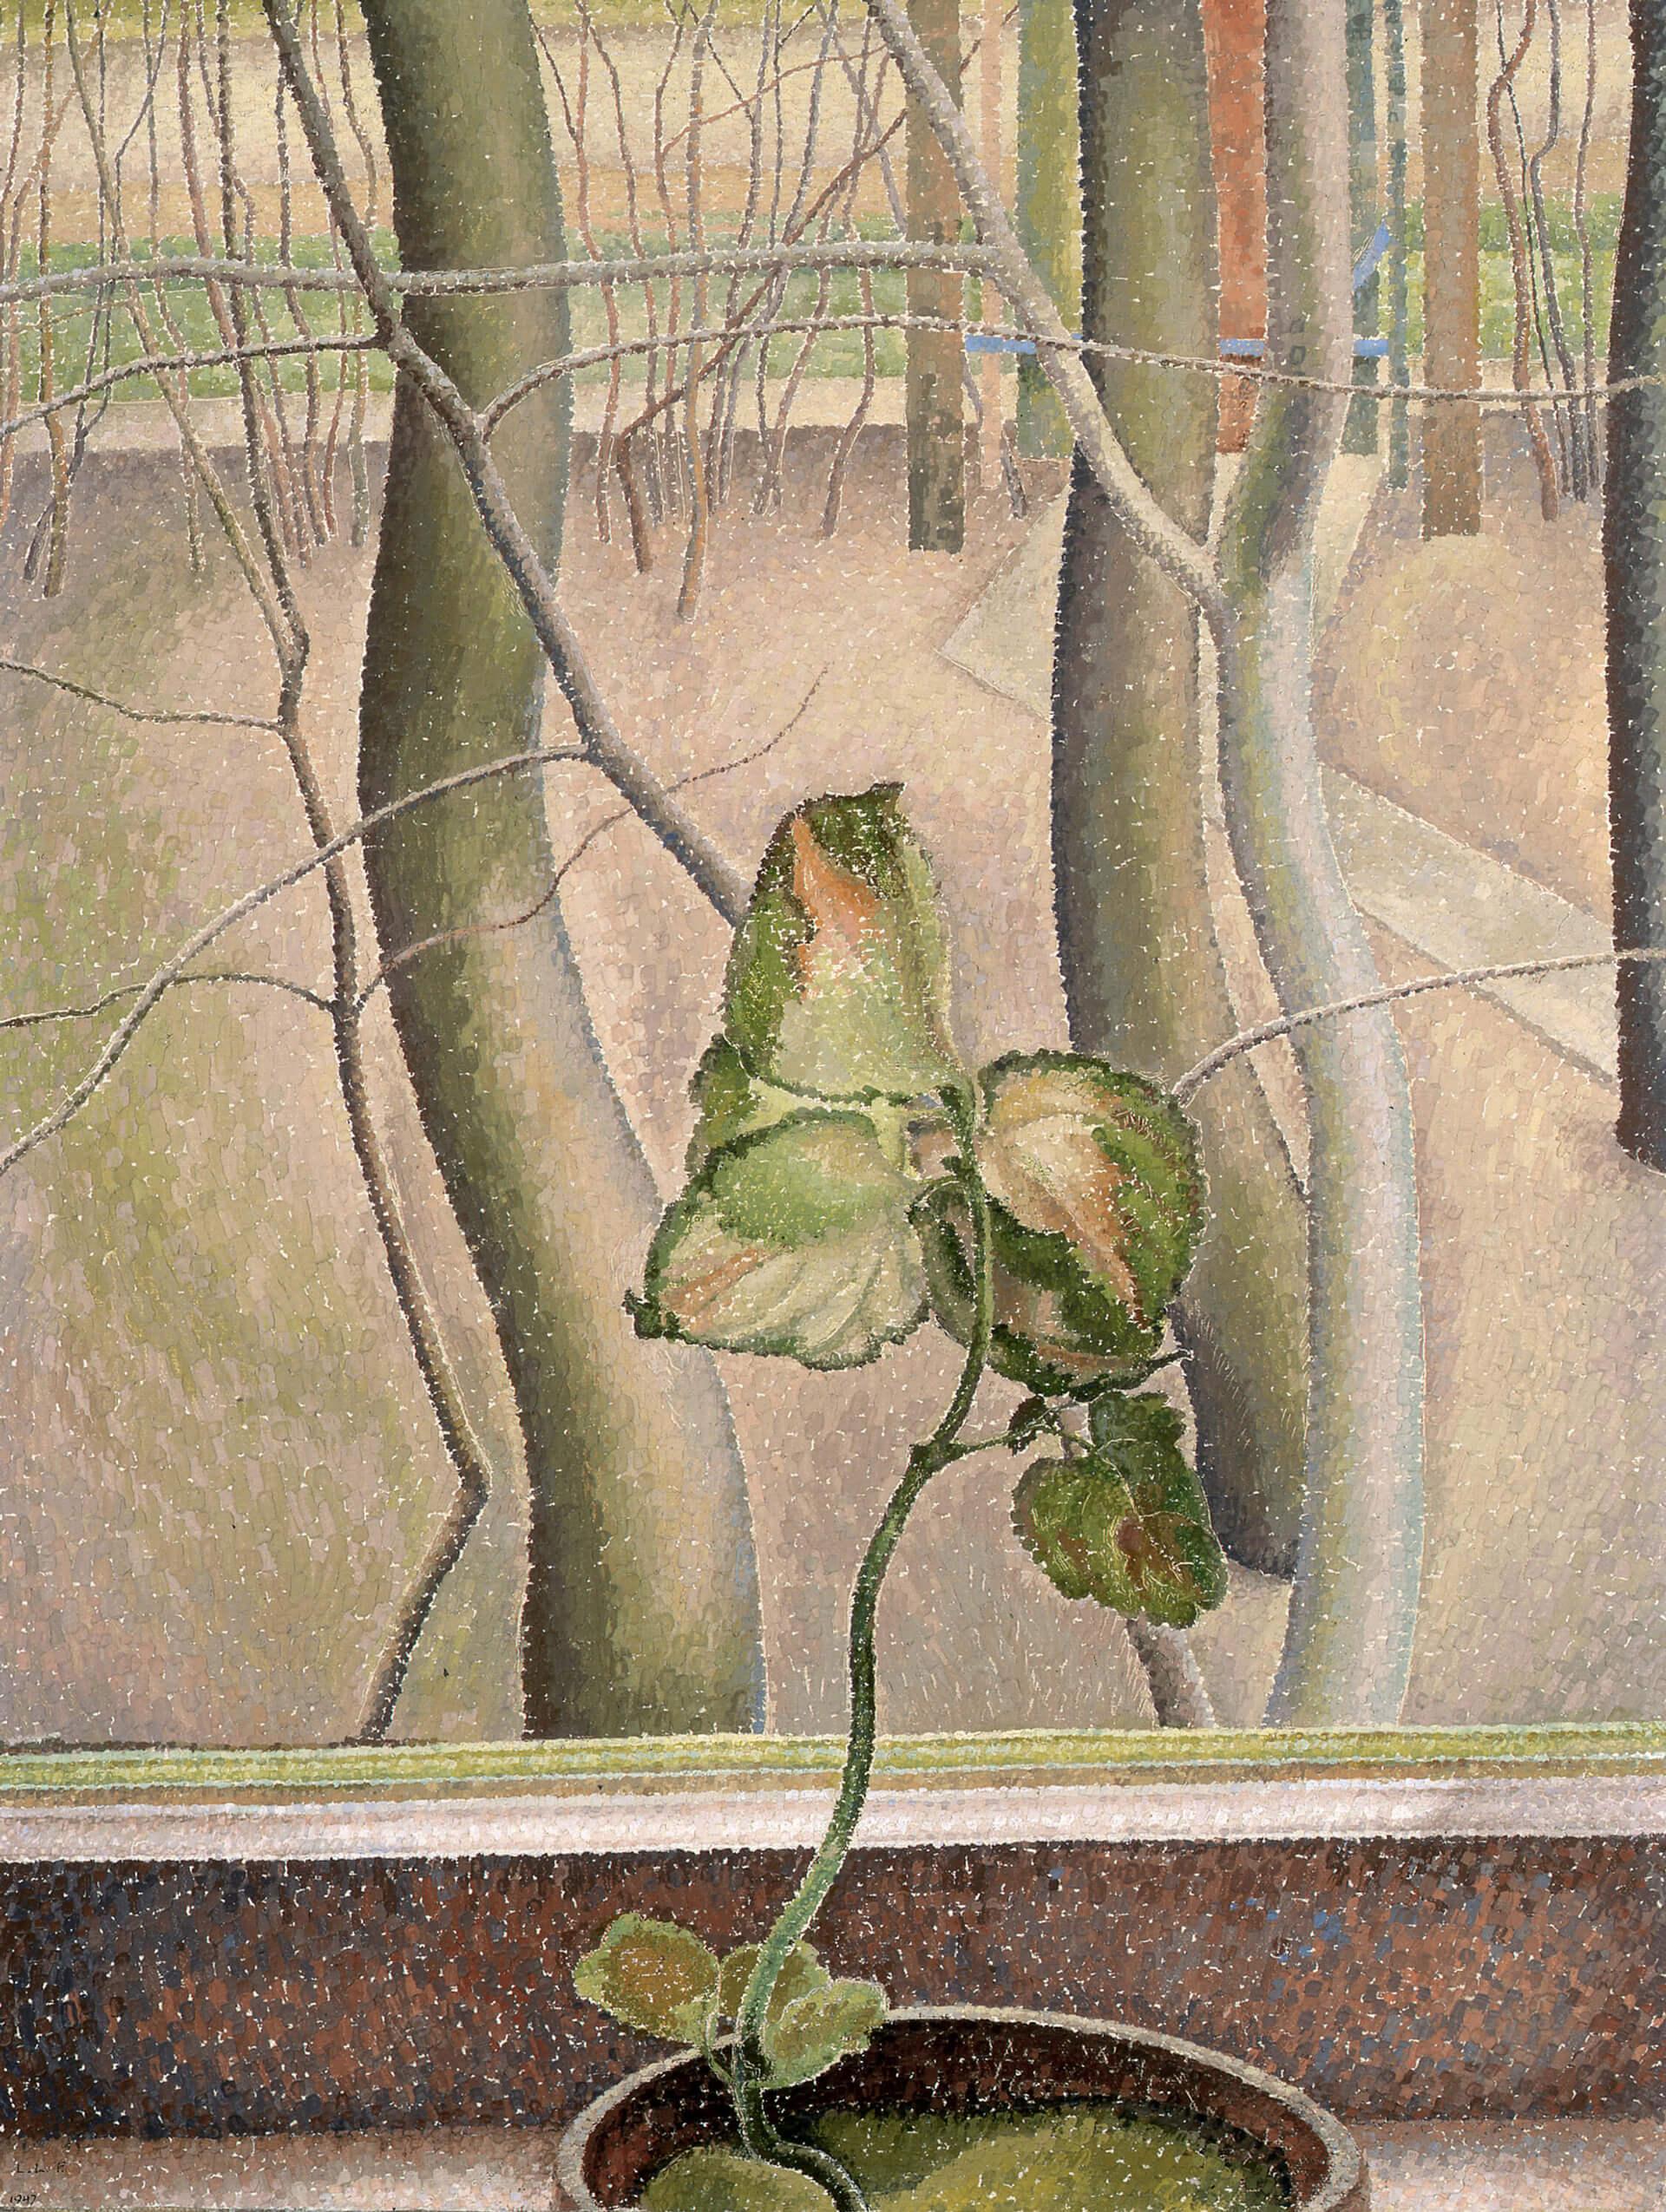 Lionel LeMoine FitzGerald, La petite plante, 1947